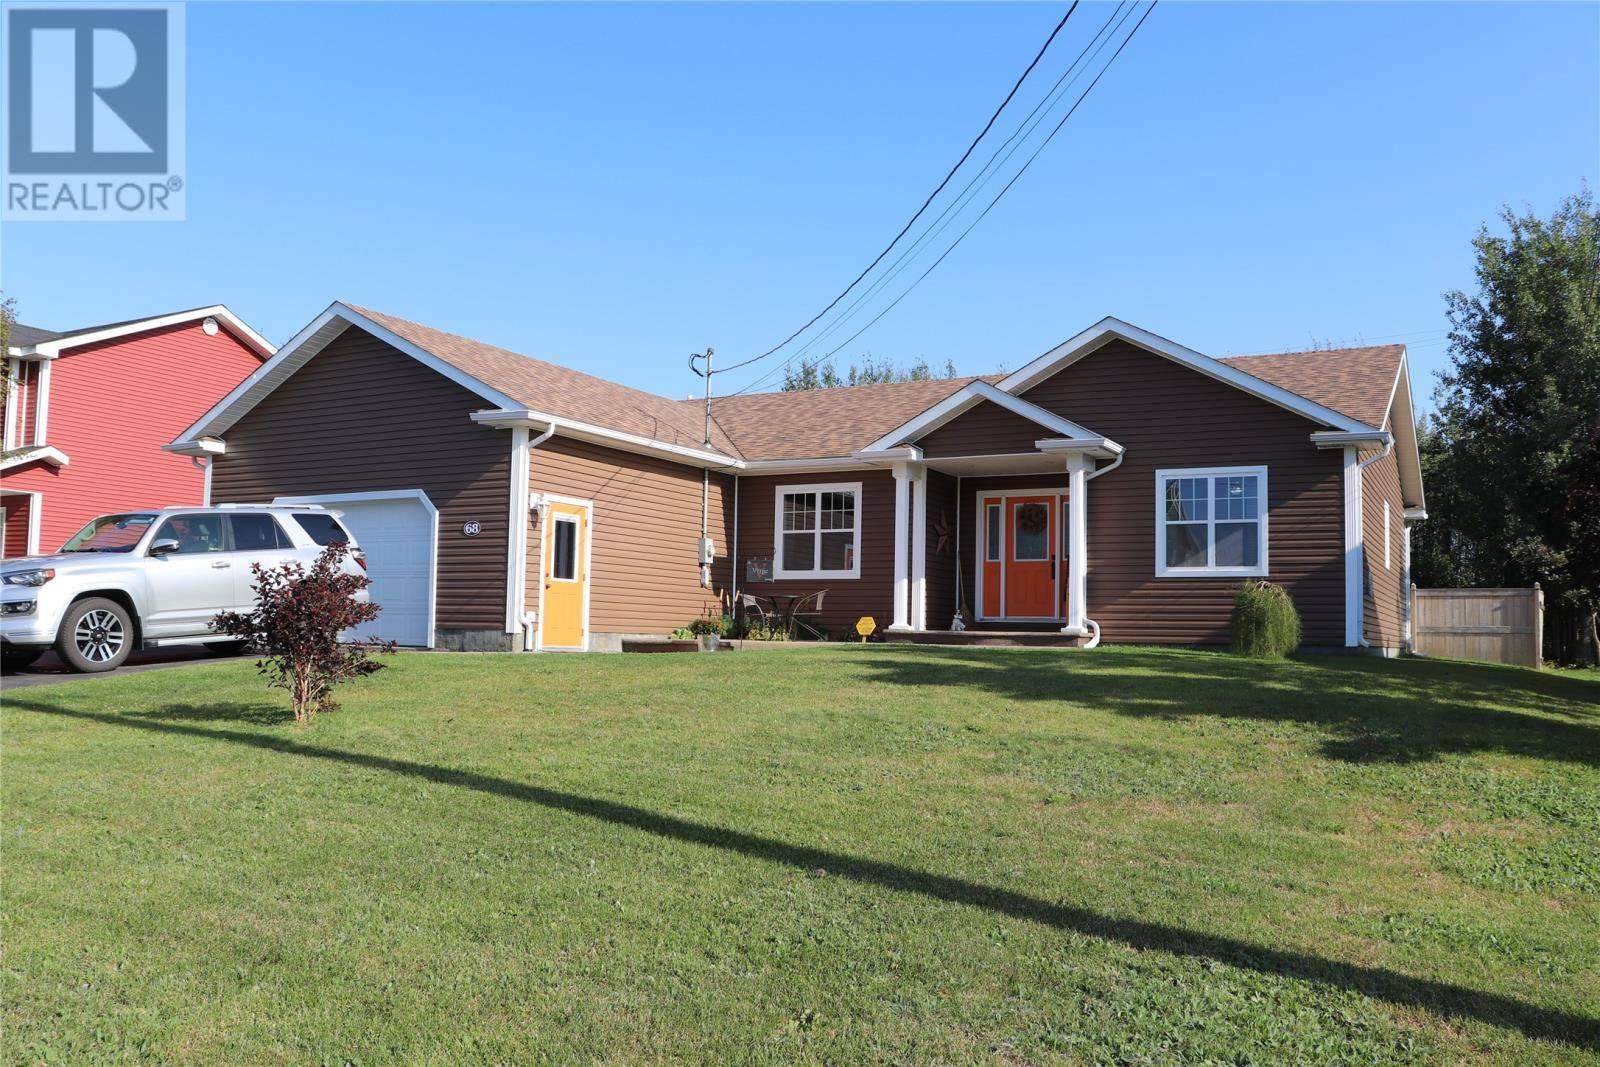 House for sale at 68 Peddle Dr Grand Falls-windsor Newfoundland - MLS: 1203056